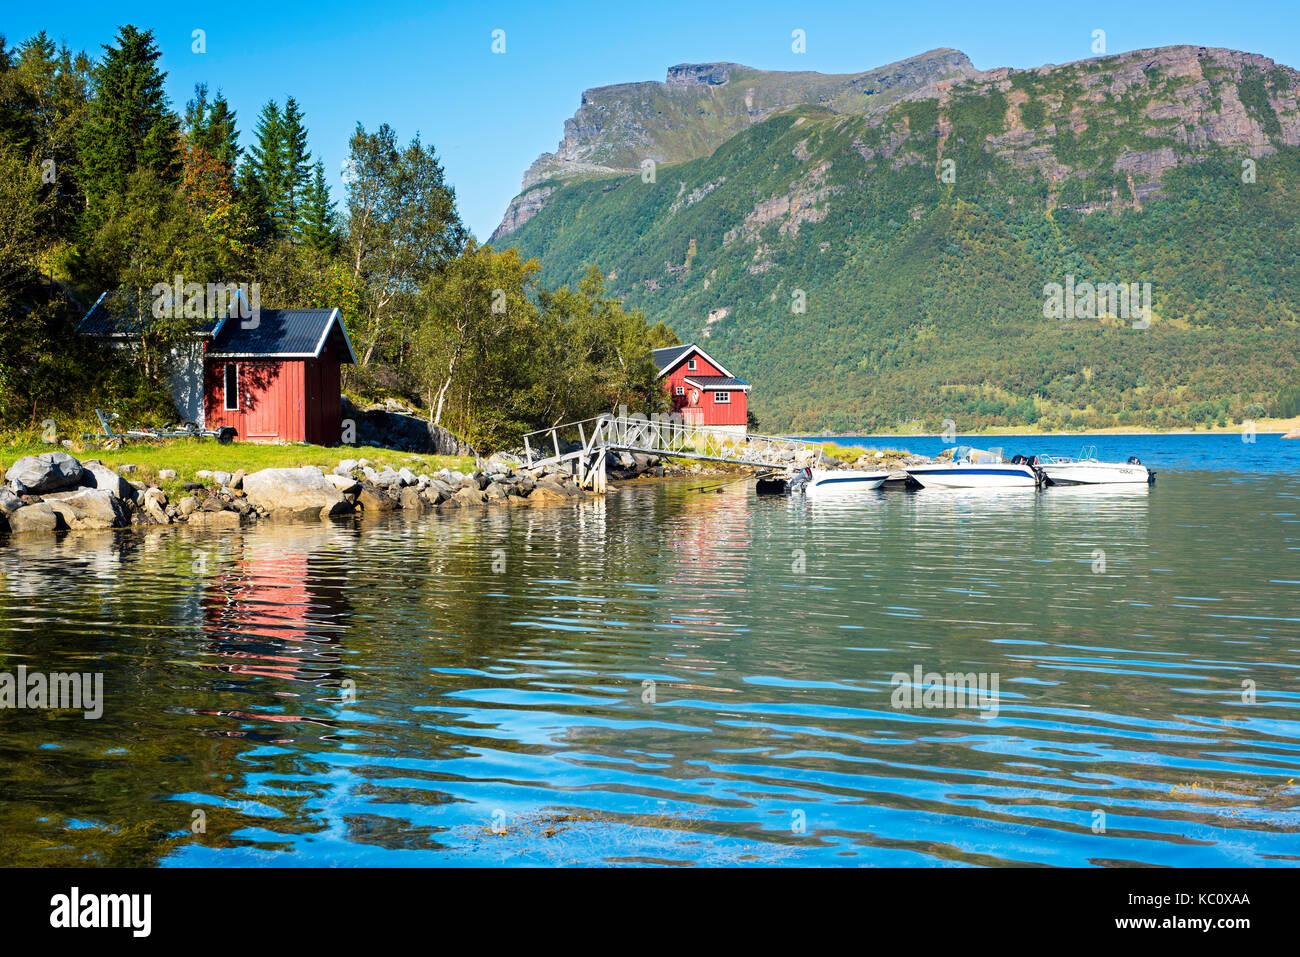 Kystriksveien - la ruta costera a lo largo de la costa de Nordland en Noruega. Esto es, Hanbogen Gildeskål. Imagen De Stock